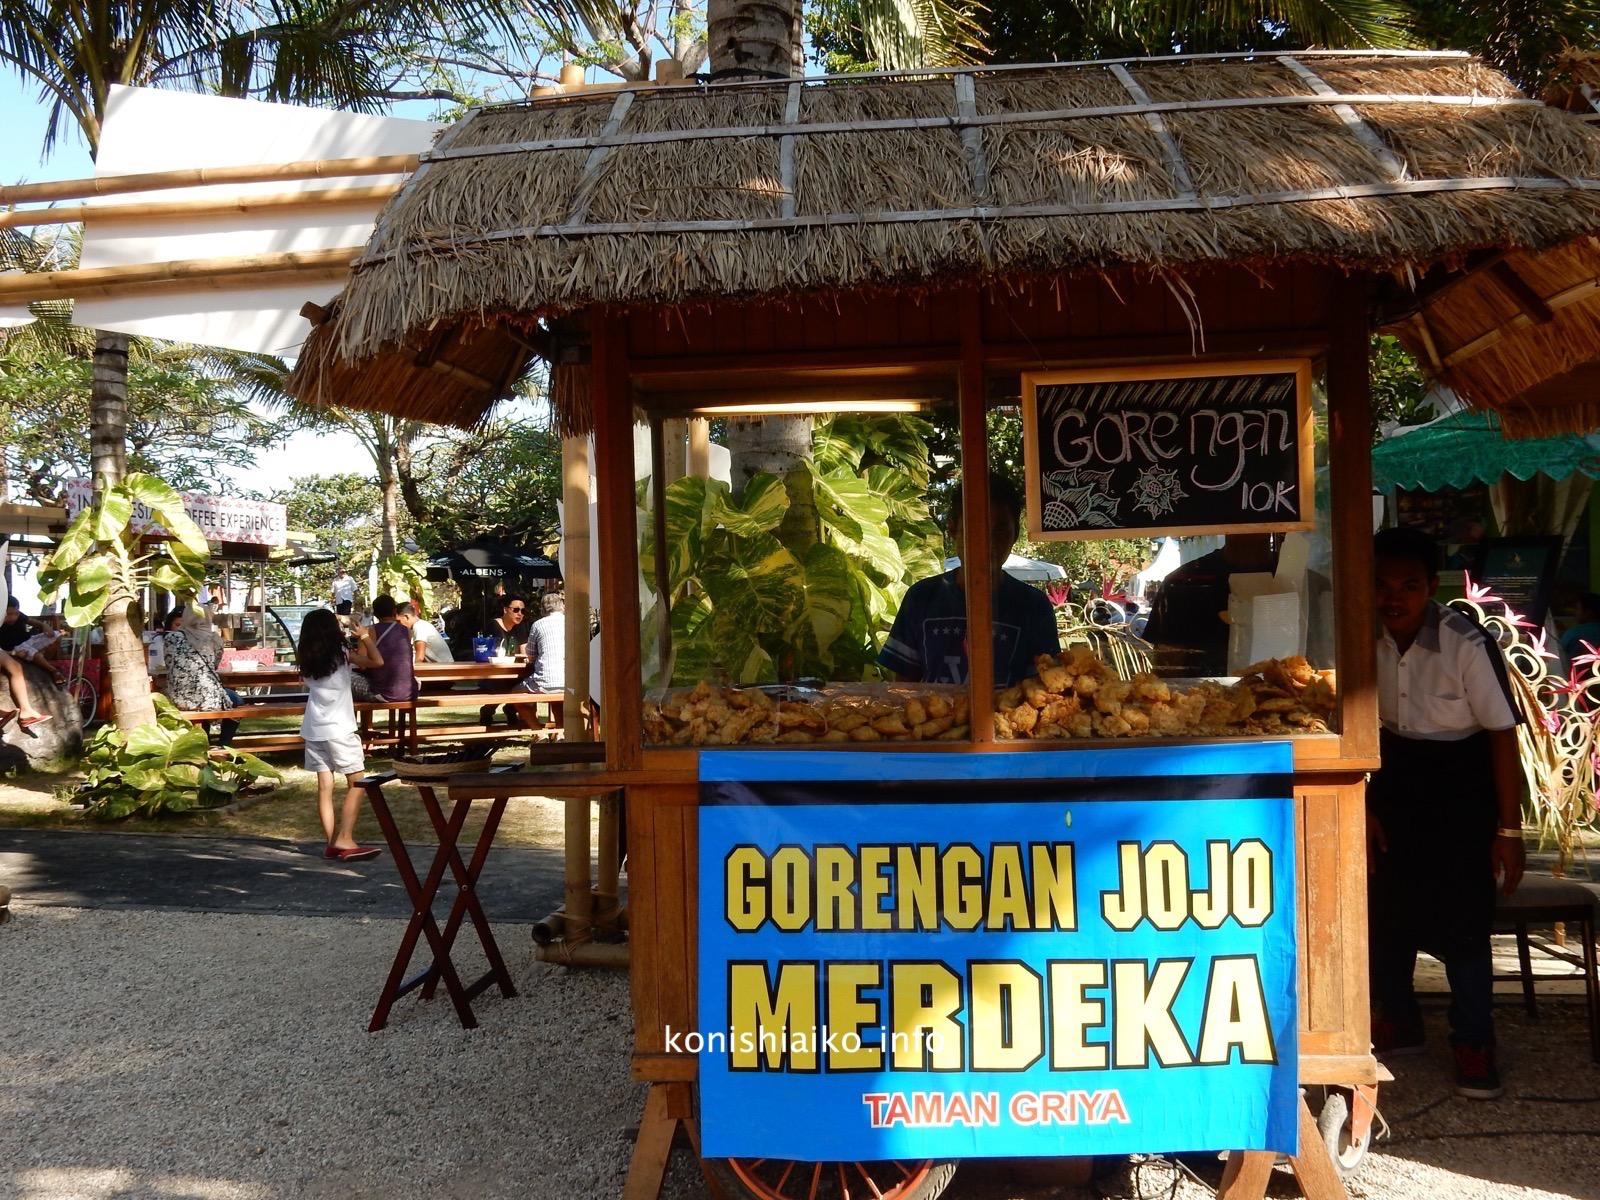 インドネシアの揚げおやつ「ゴレンガン」の屋台